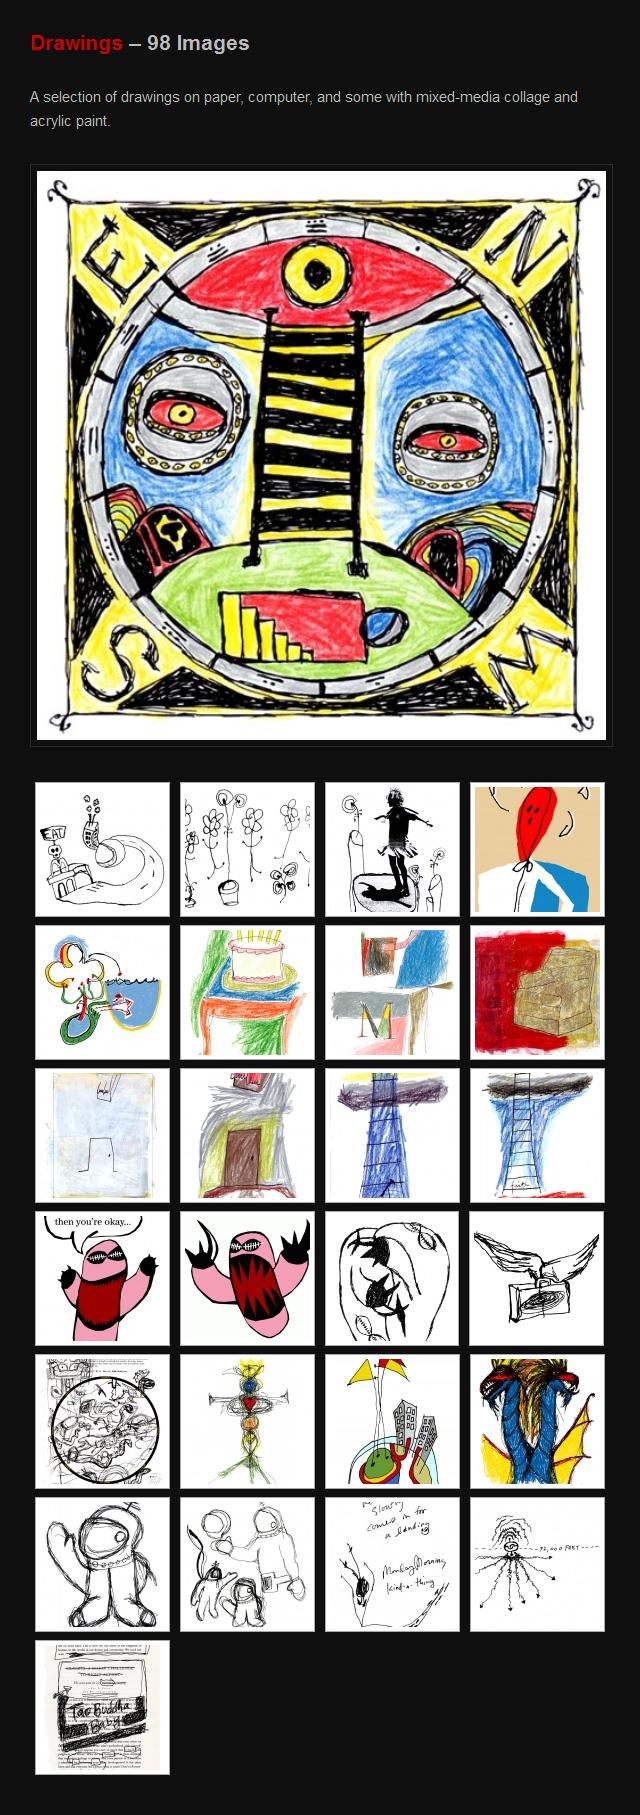 drawings-4-16-2013